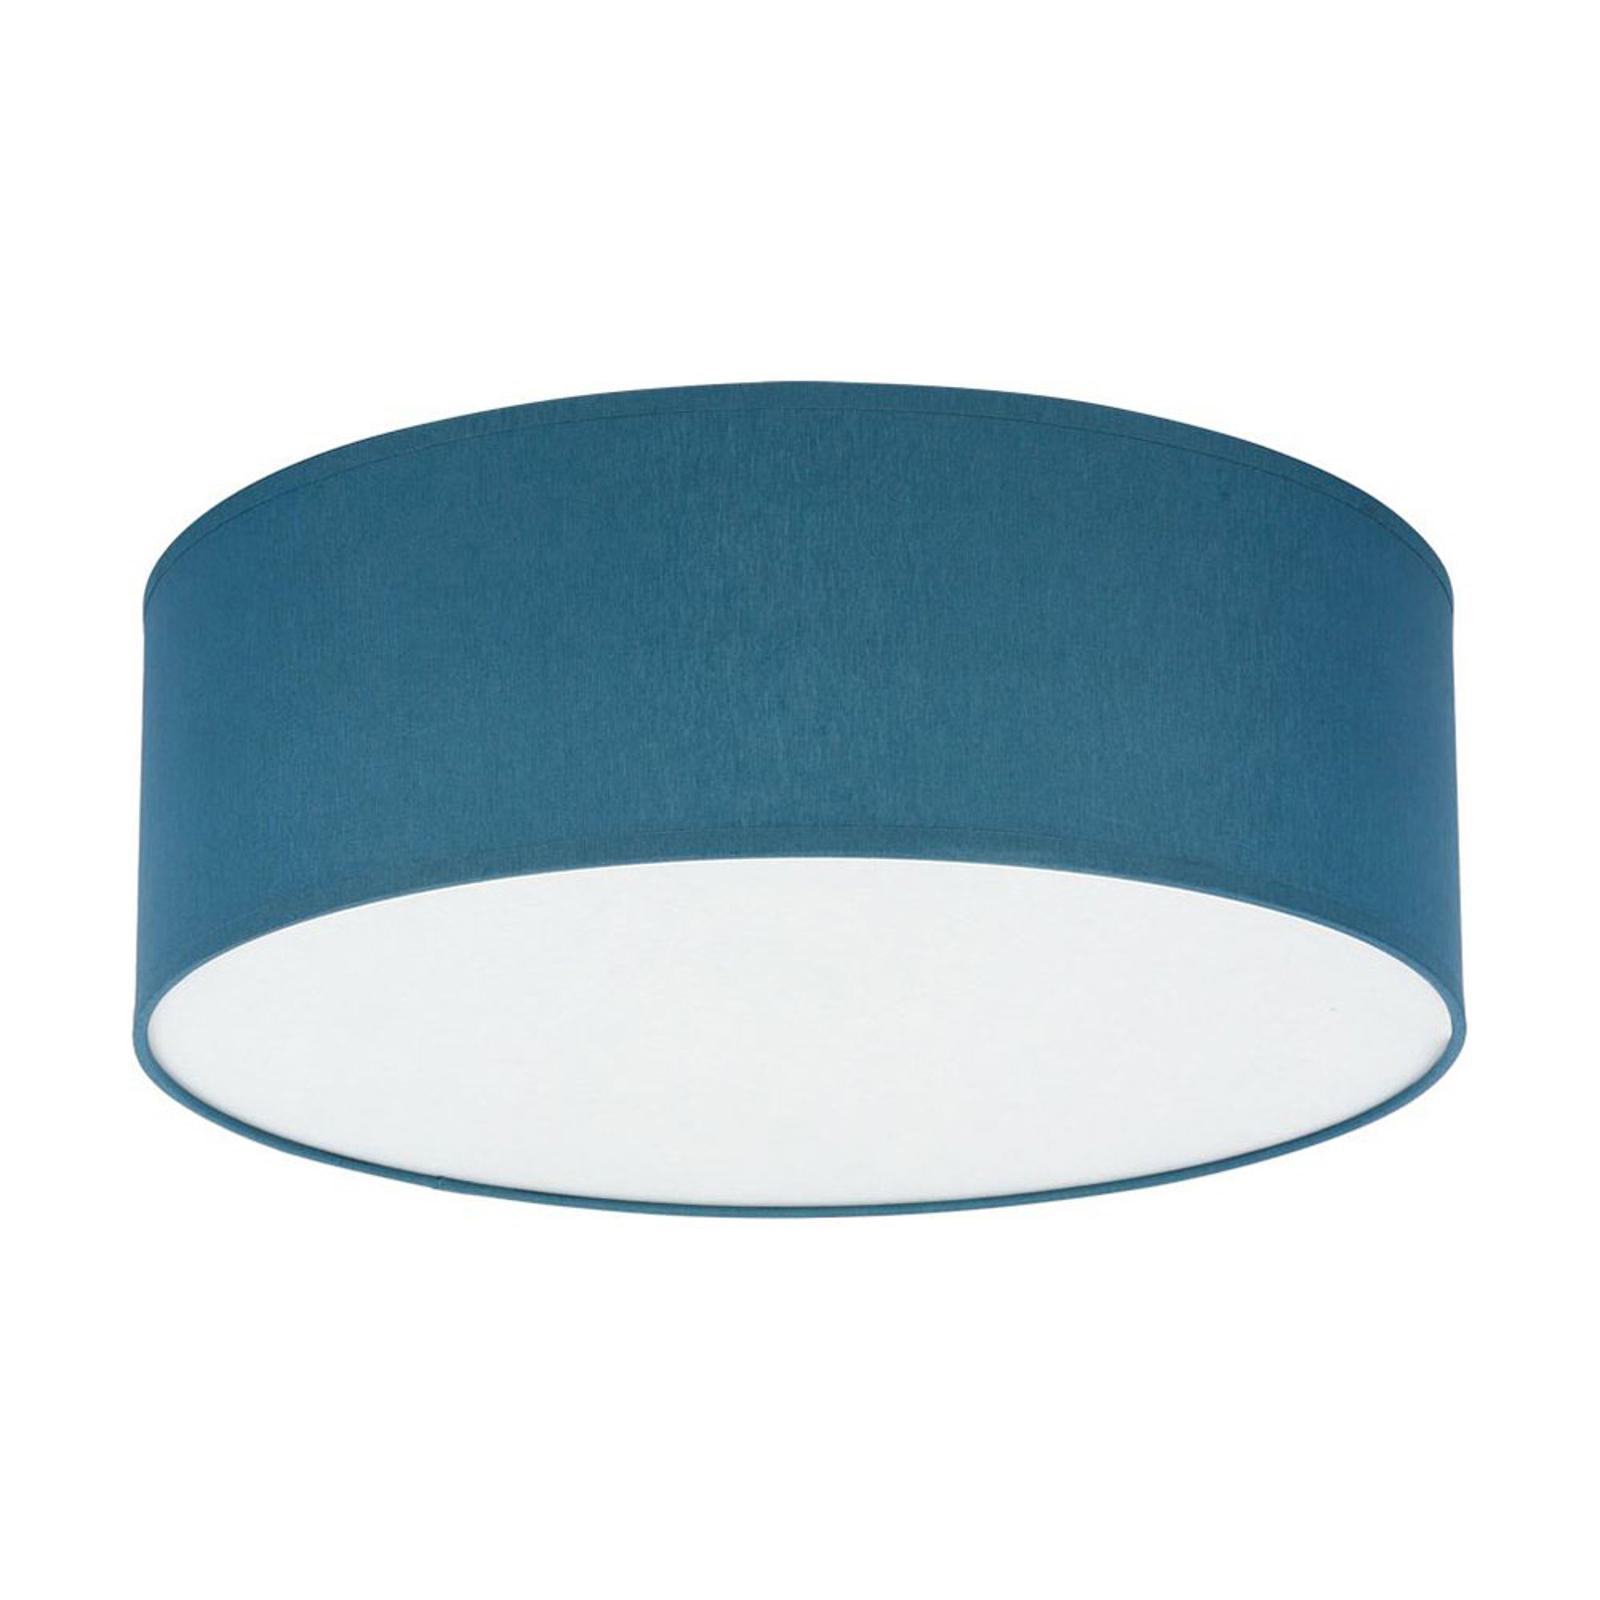 Kattovalaisin Rondo, sininen, Ø 38 cm